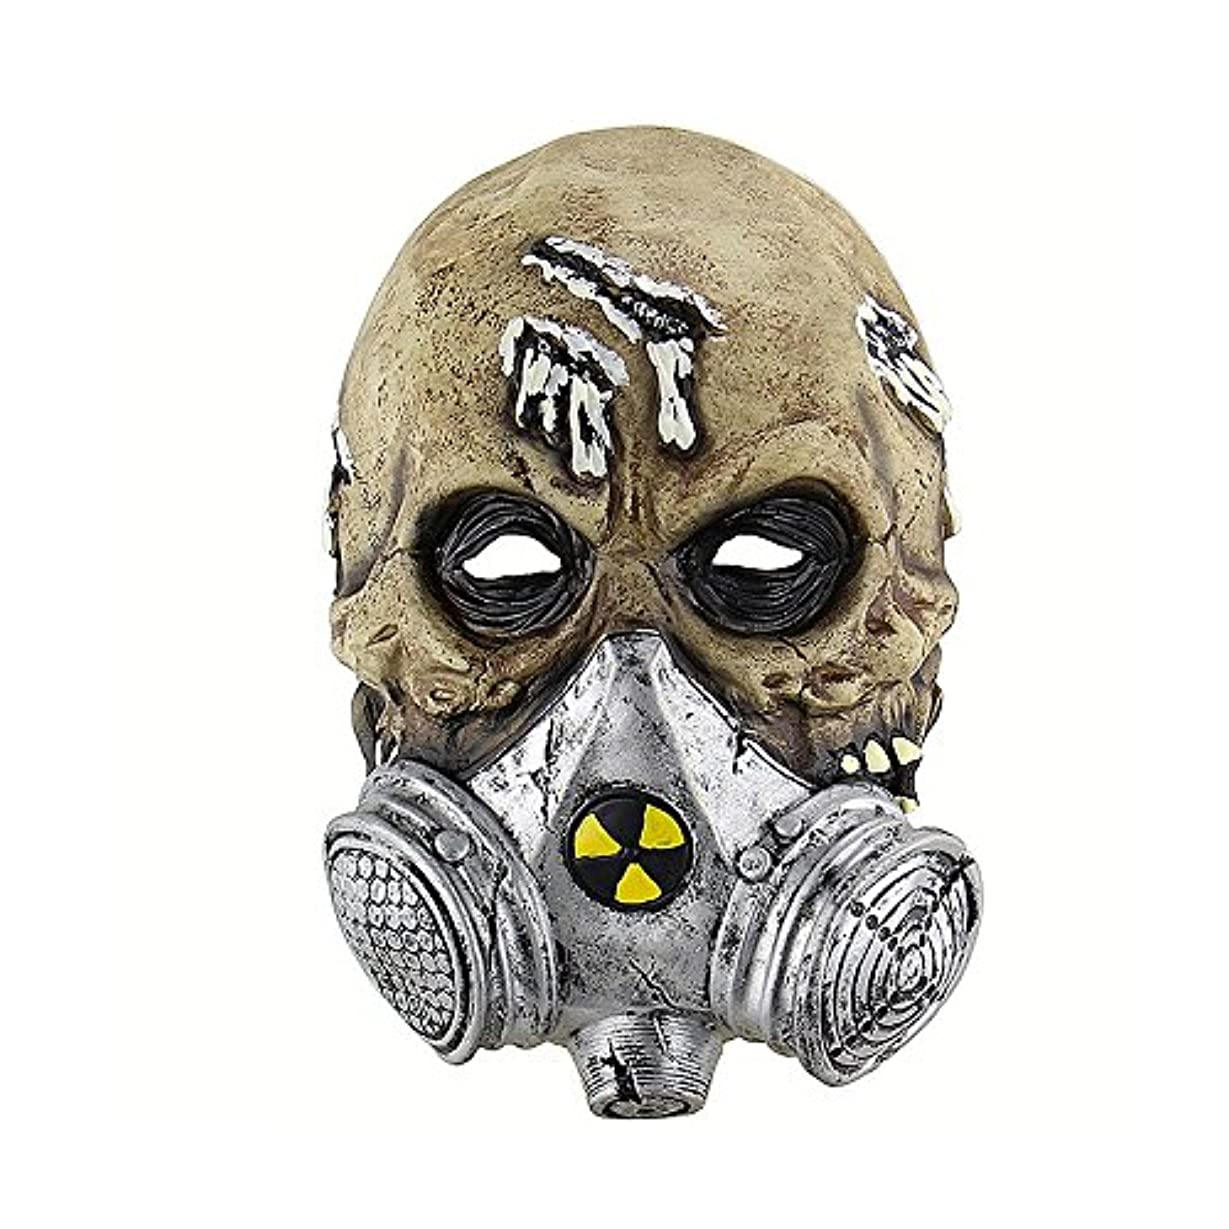 通信網オーラル自己尊重ハロウィンホラー生化学ガスマスクマスクセットラテックスマスク